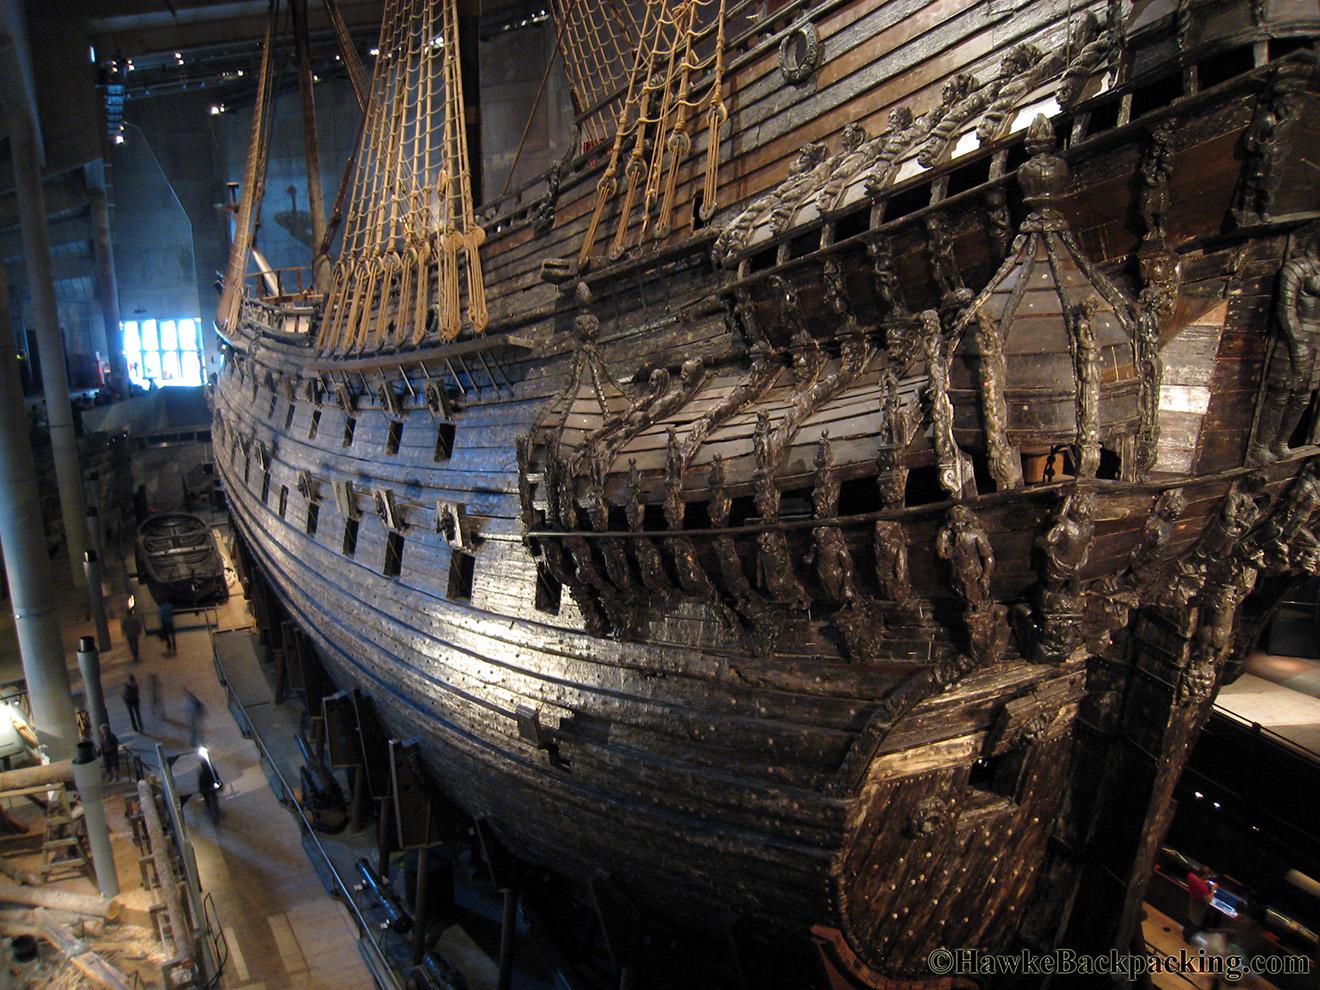 Vasa Museum Hawkebackpacking Com